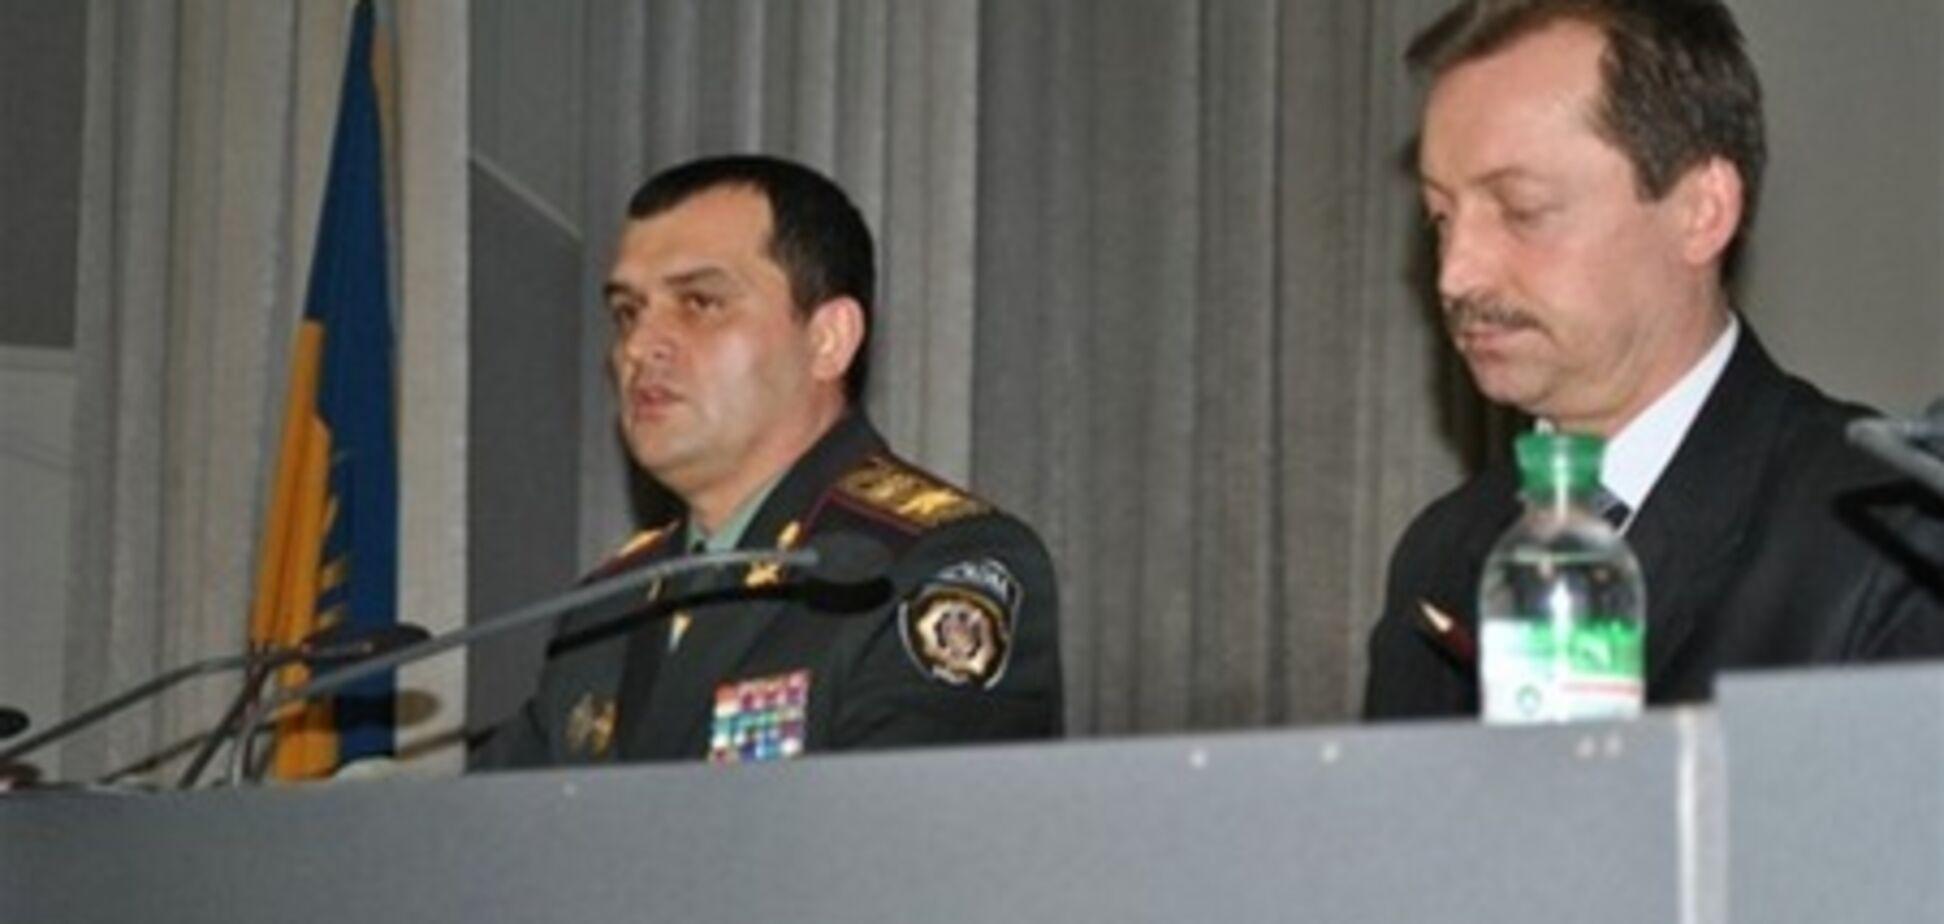 Захарченко: треба змінювати менталітет міліціонера